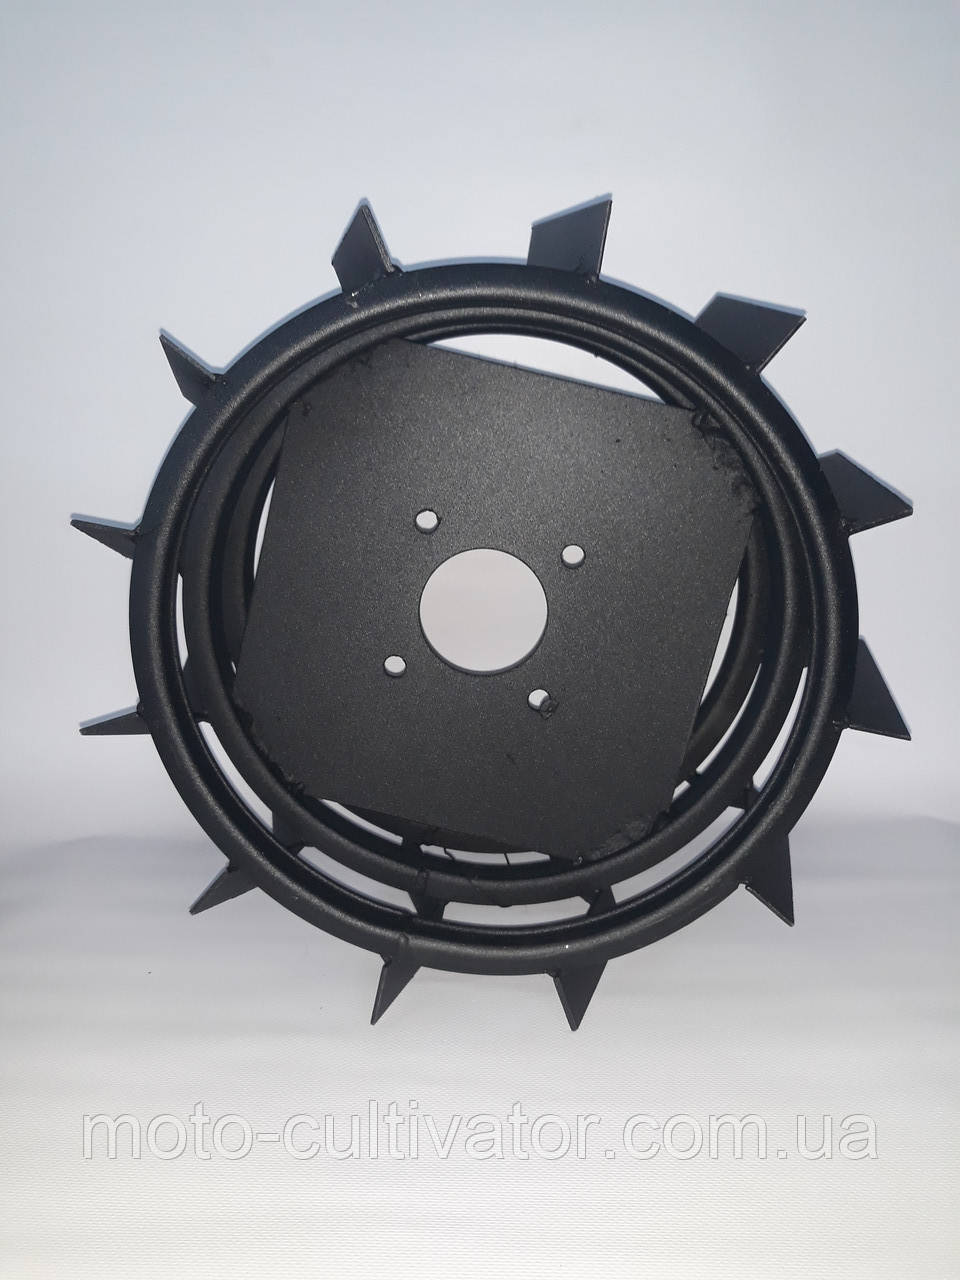 Грунтозацепы для мотоблока усиленные (железные колеса) Ø 380 мм.